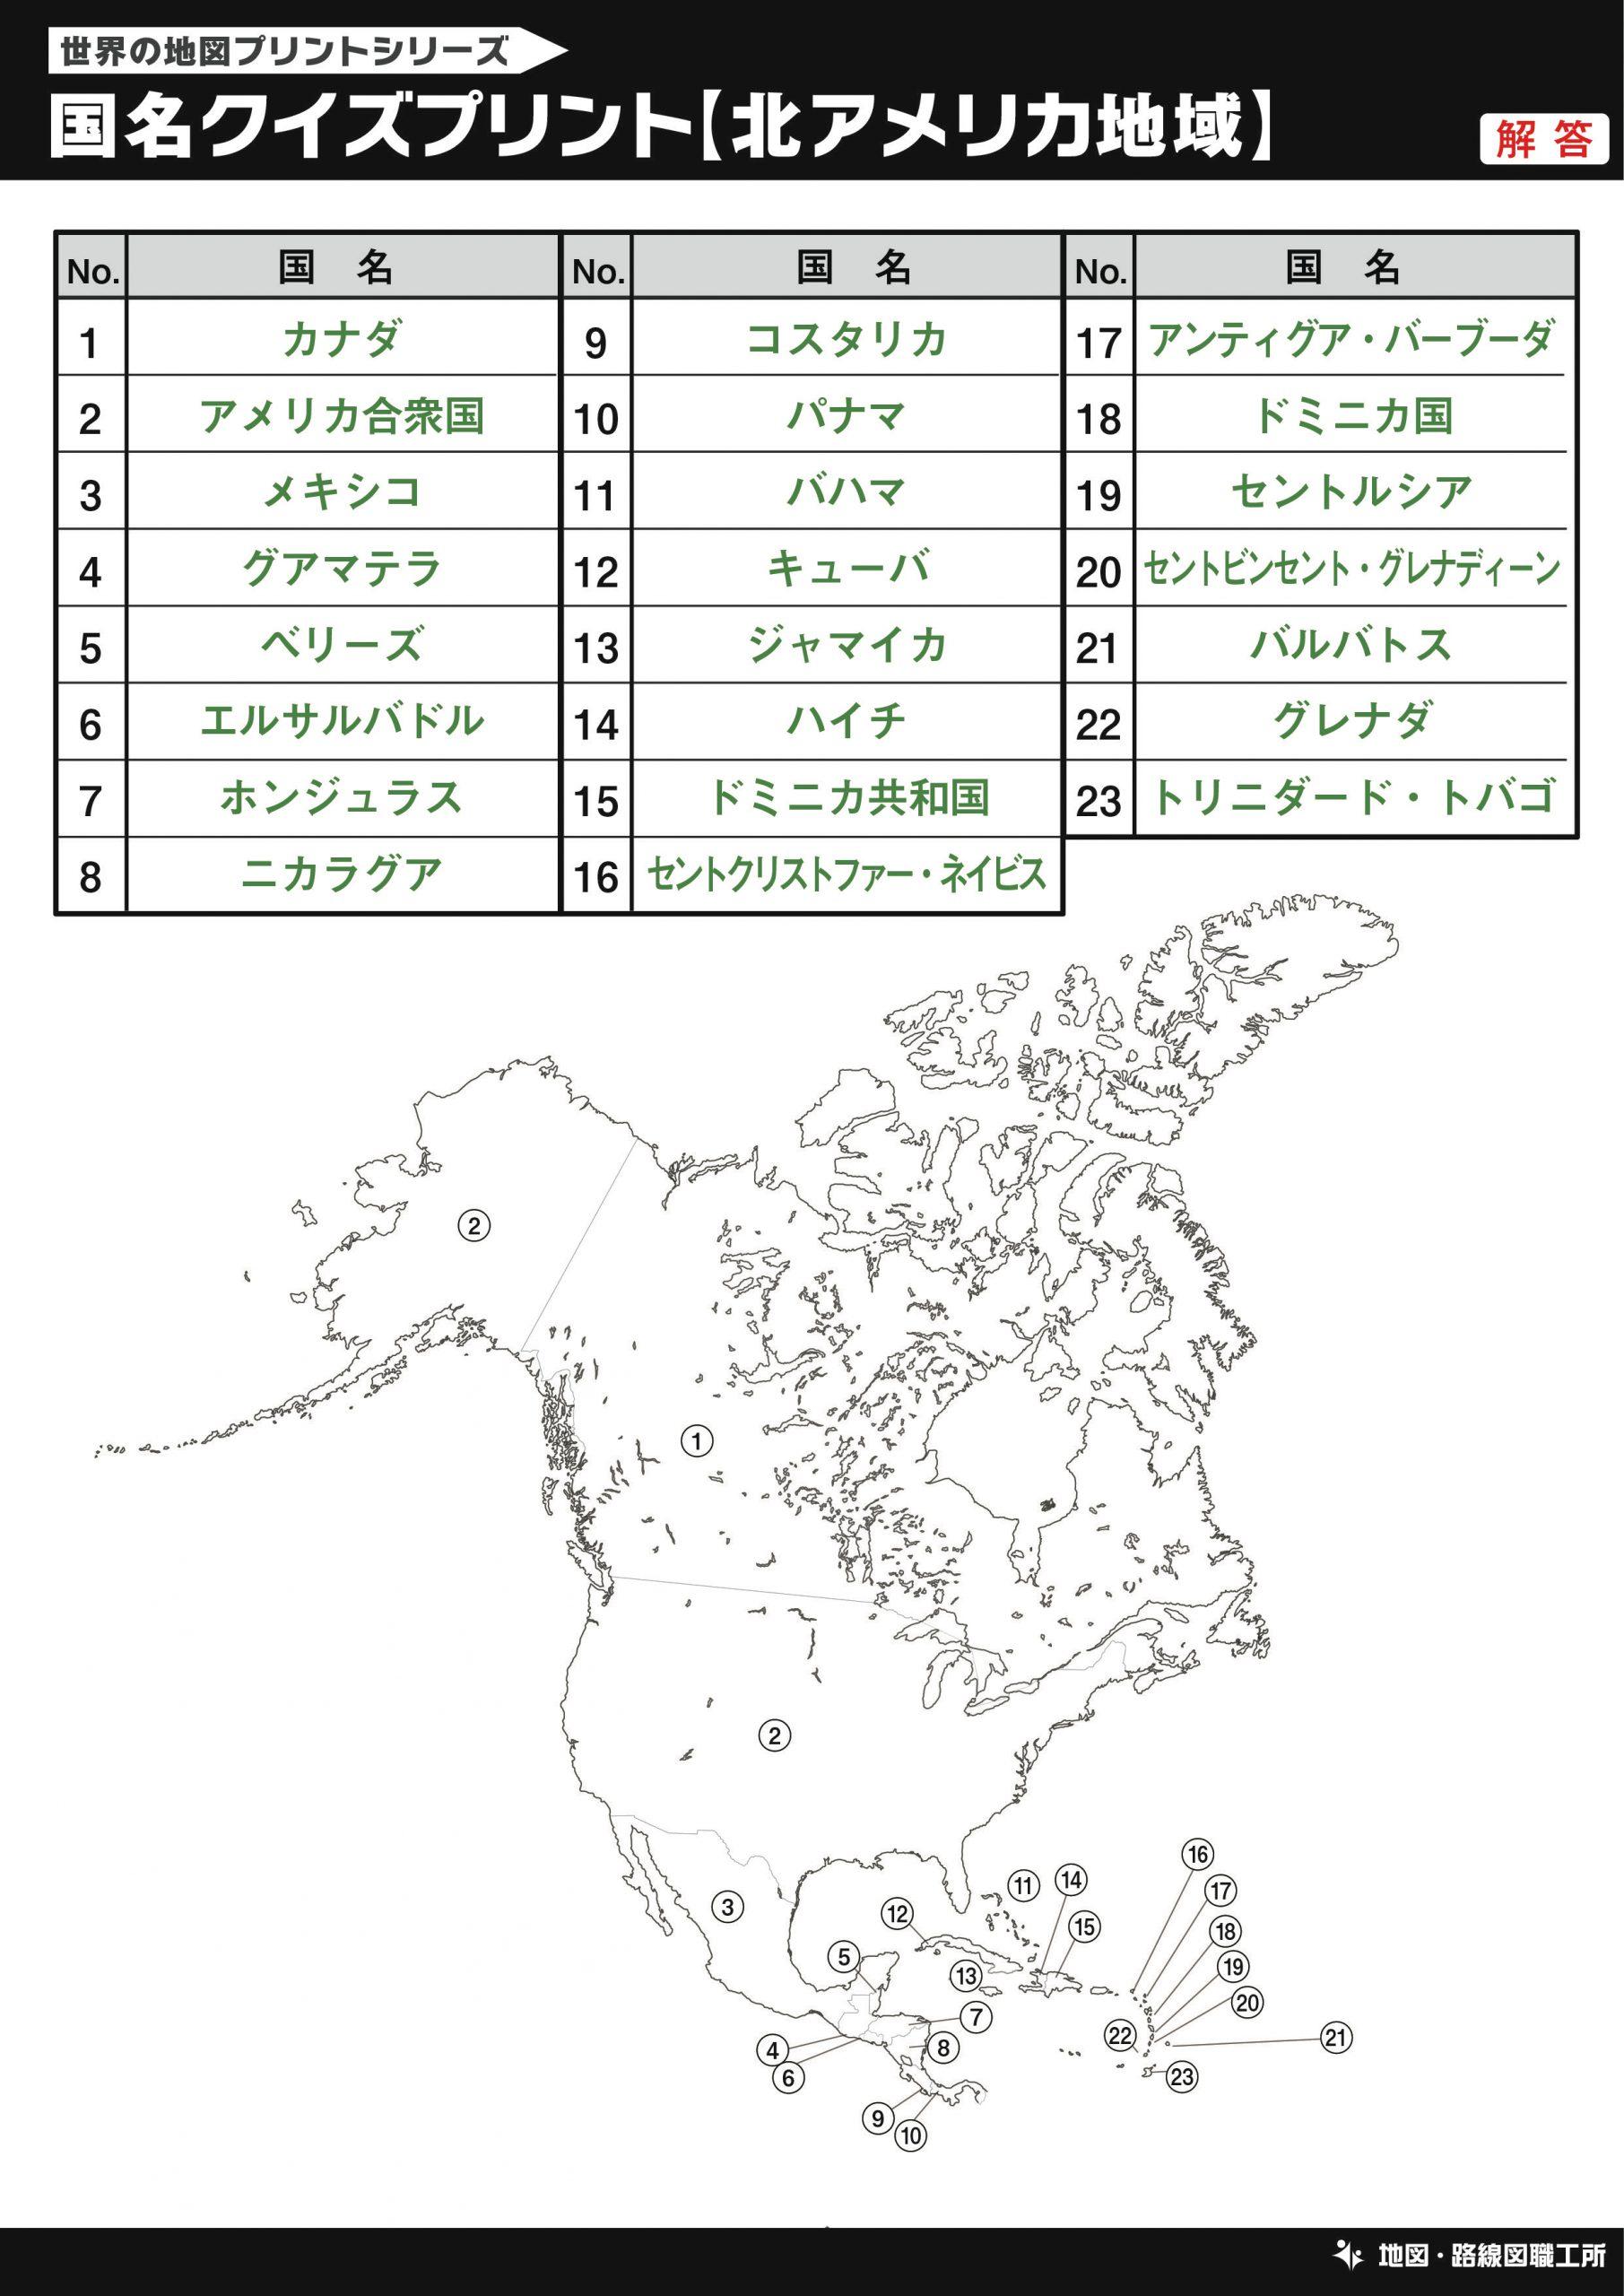 国名クイズプリント【北アメリカ地域】